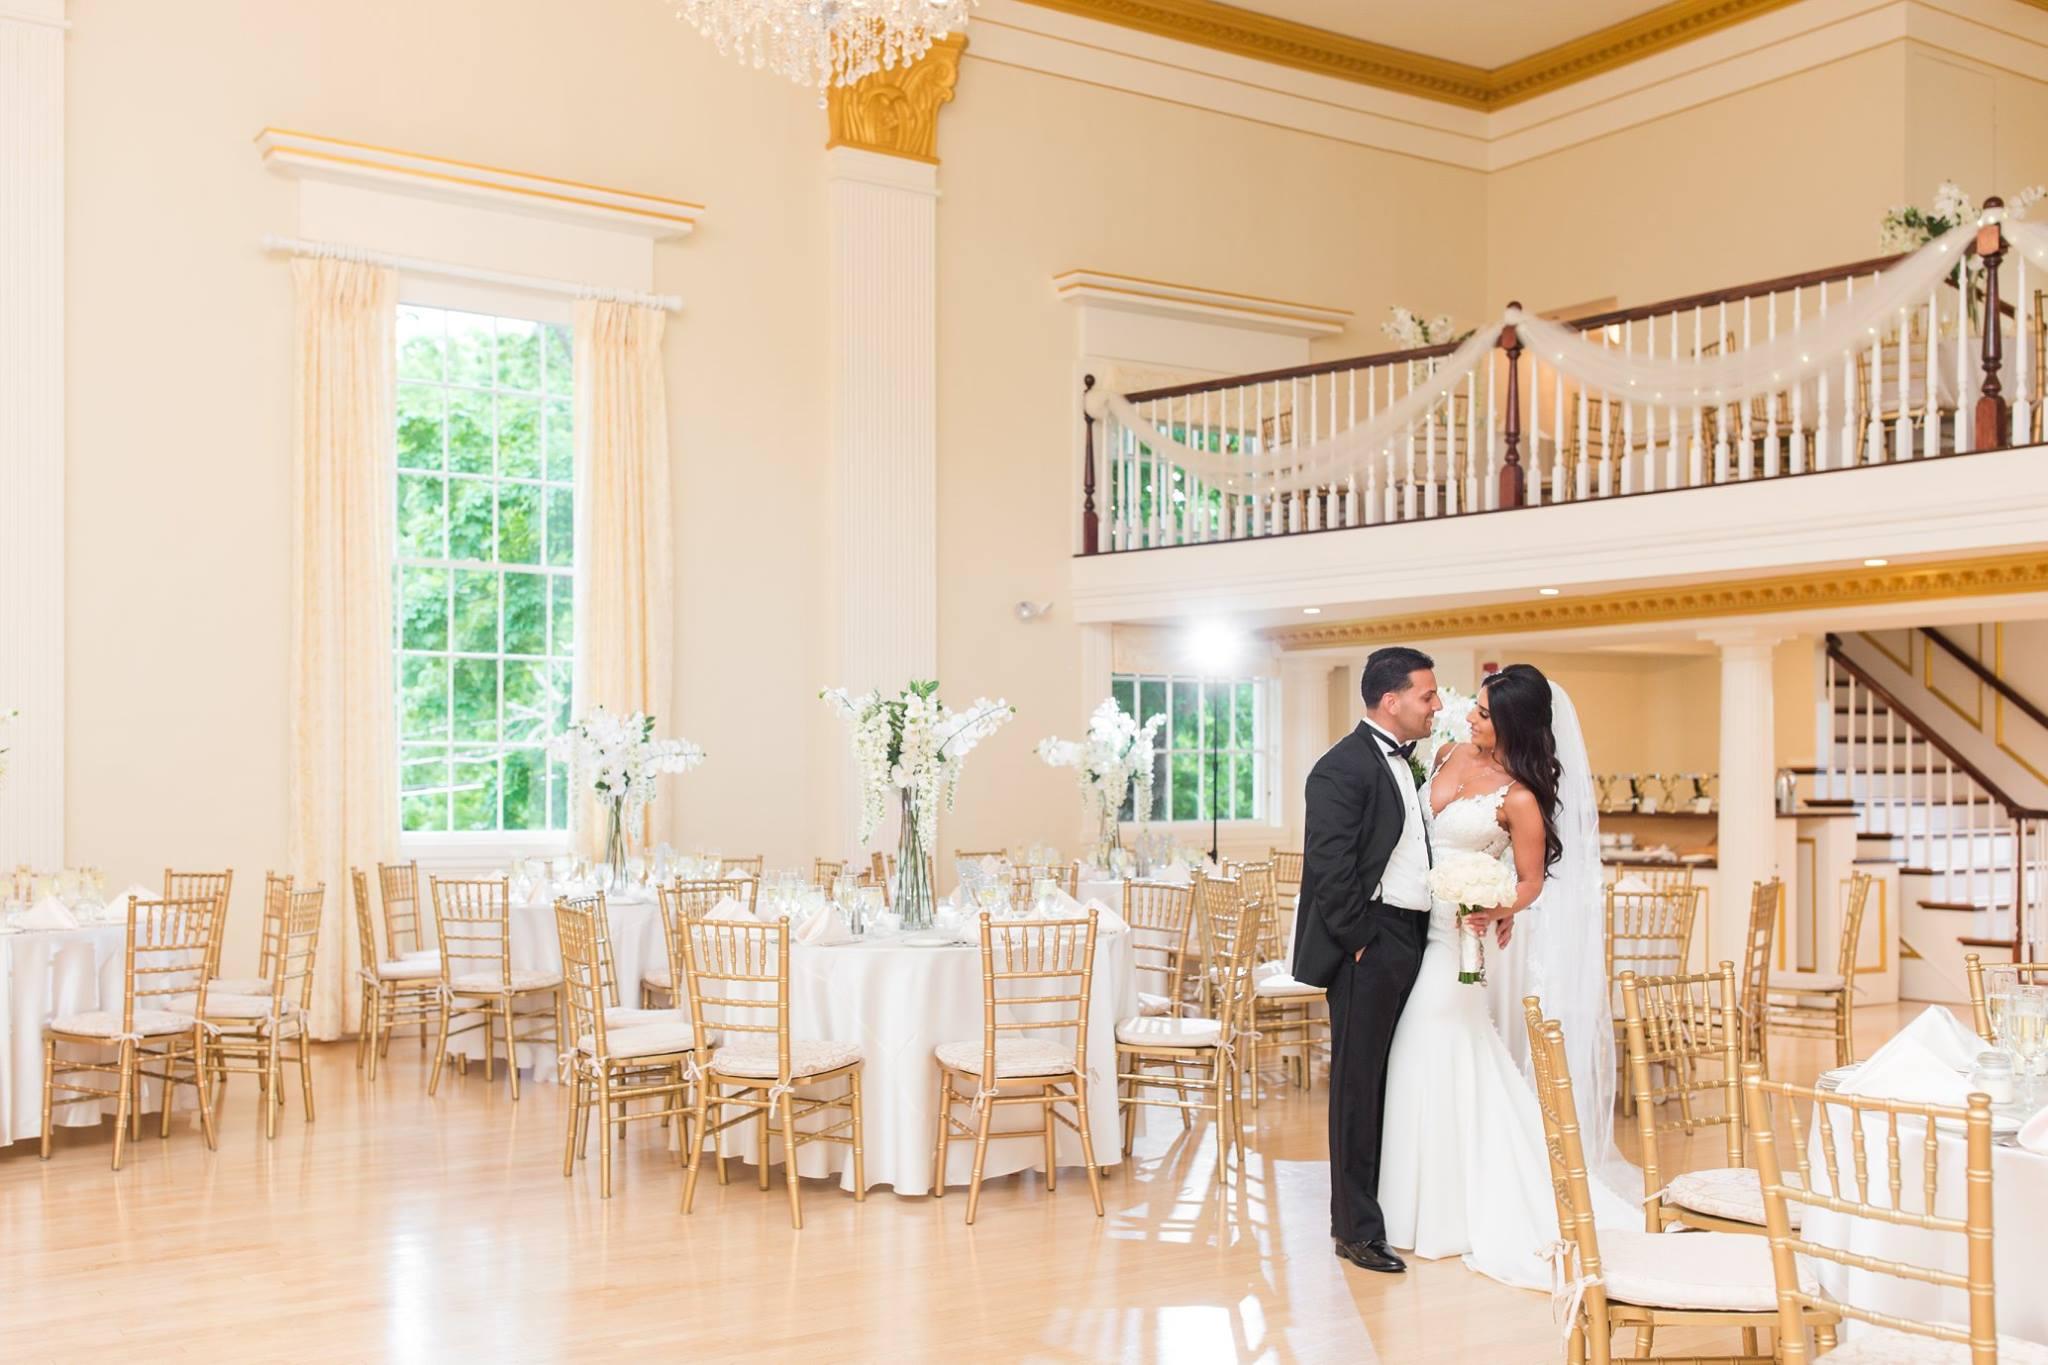 Our Weddings - Description text. Proin gravida ex id consectetur lobortis. Aliquam ornare, velit vel faucibus dapibus, augue justo ullamcorper turpis.